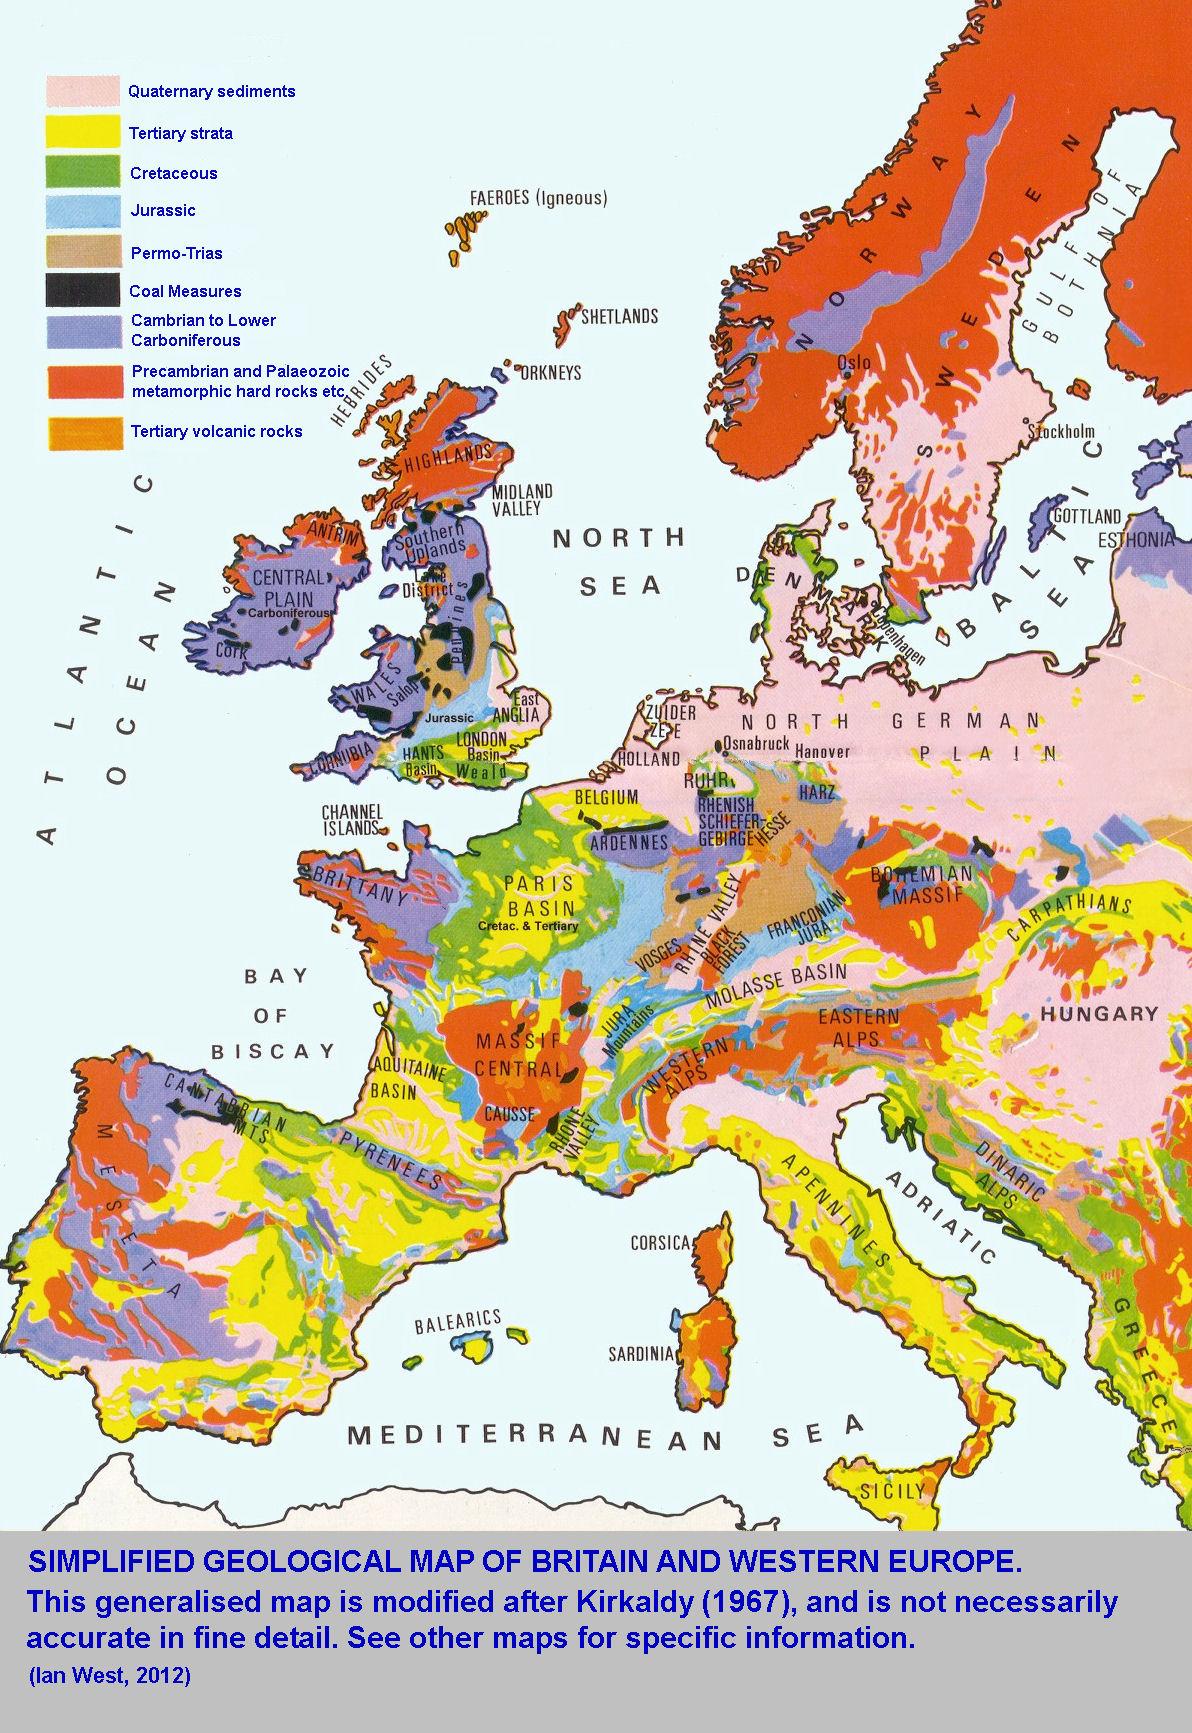 mapa mapa geol243gico de europa